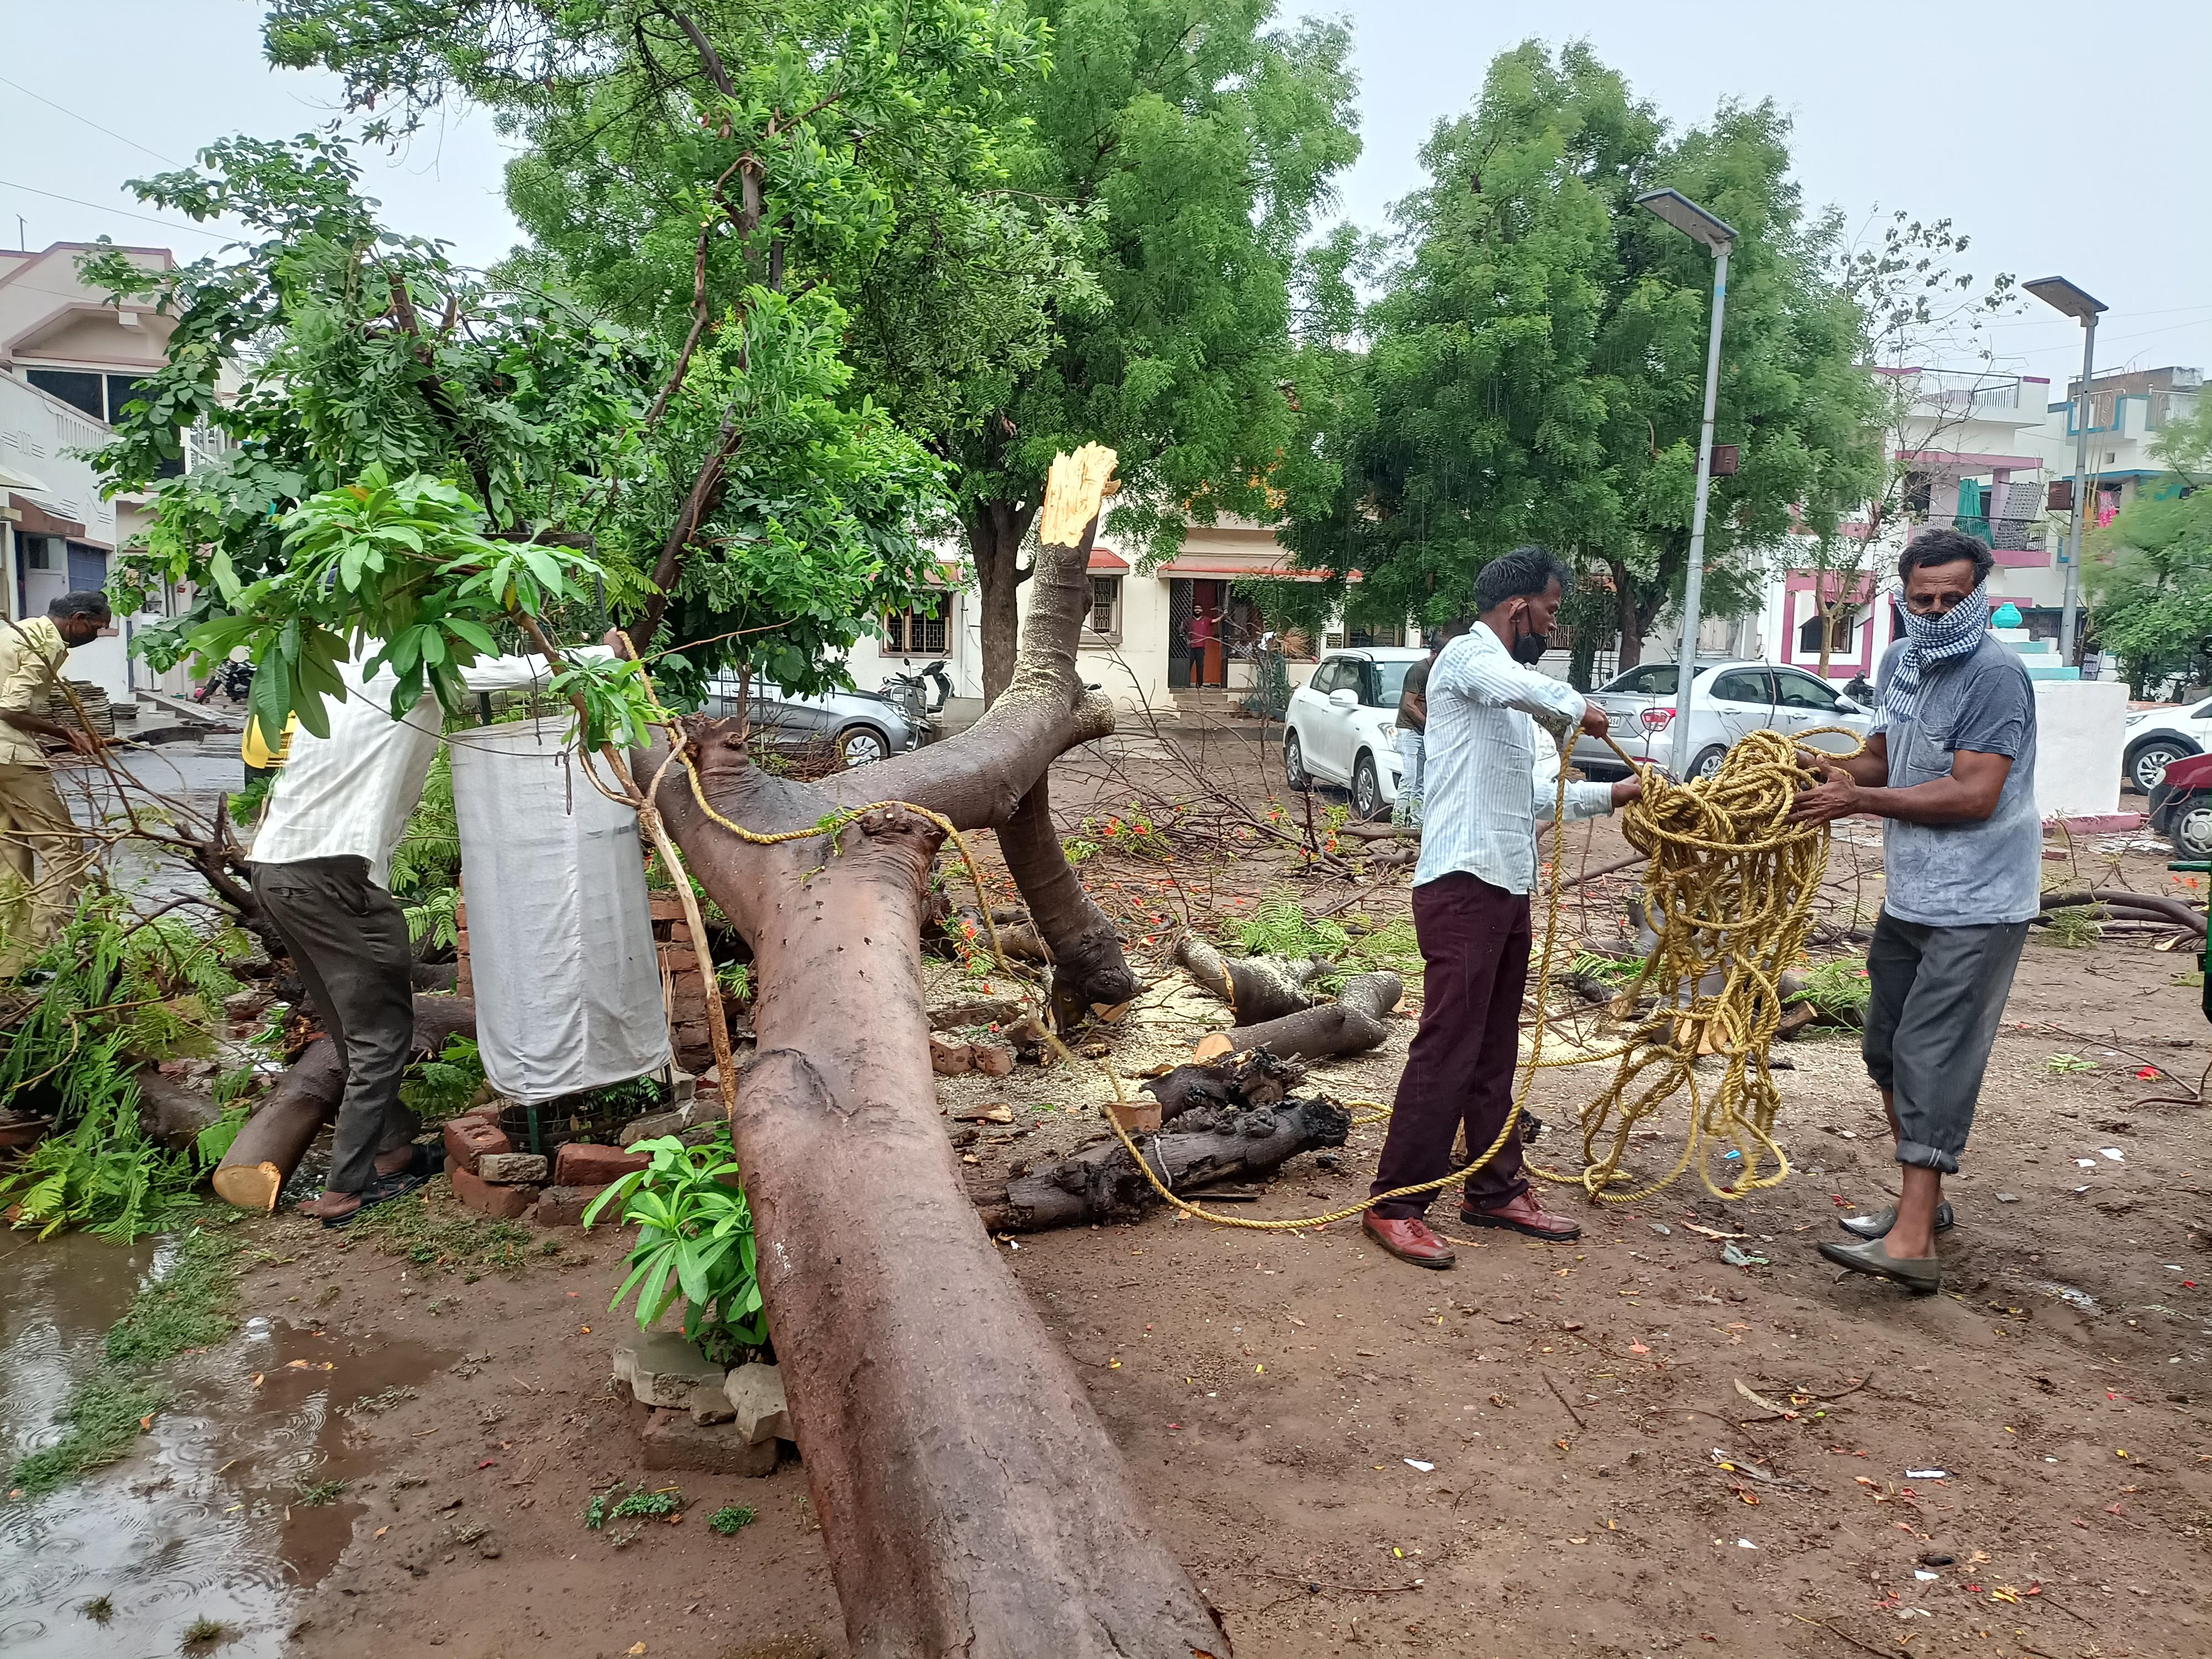 ગાંધીનગર જિલ્લામાં છેલ્લા ચોવીસ કલાકમાં 263 મી.મી કમોસમી વરસાદ, સૌથી વધુ દહેગામમાં 92 મી.મી વરસાદ ગાંધીનગર,Gandhinagar - Divya Bhaskar